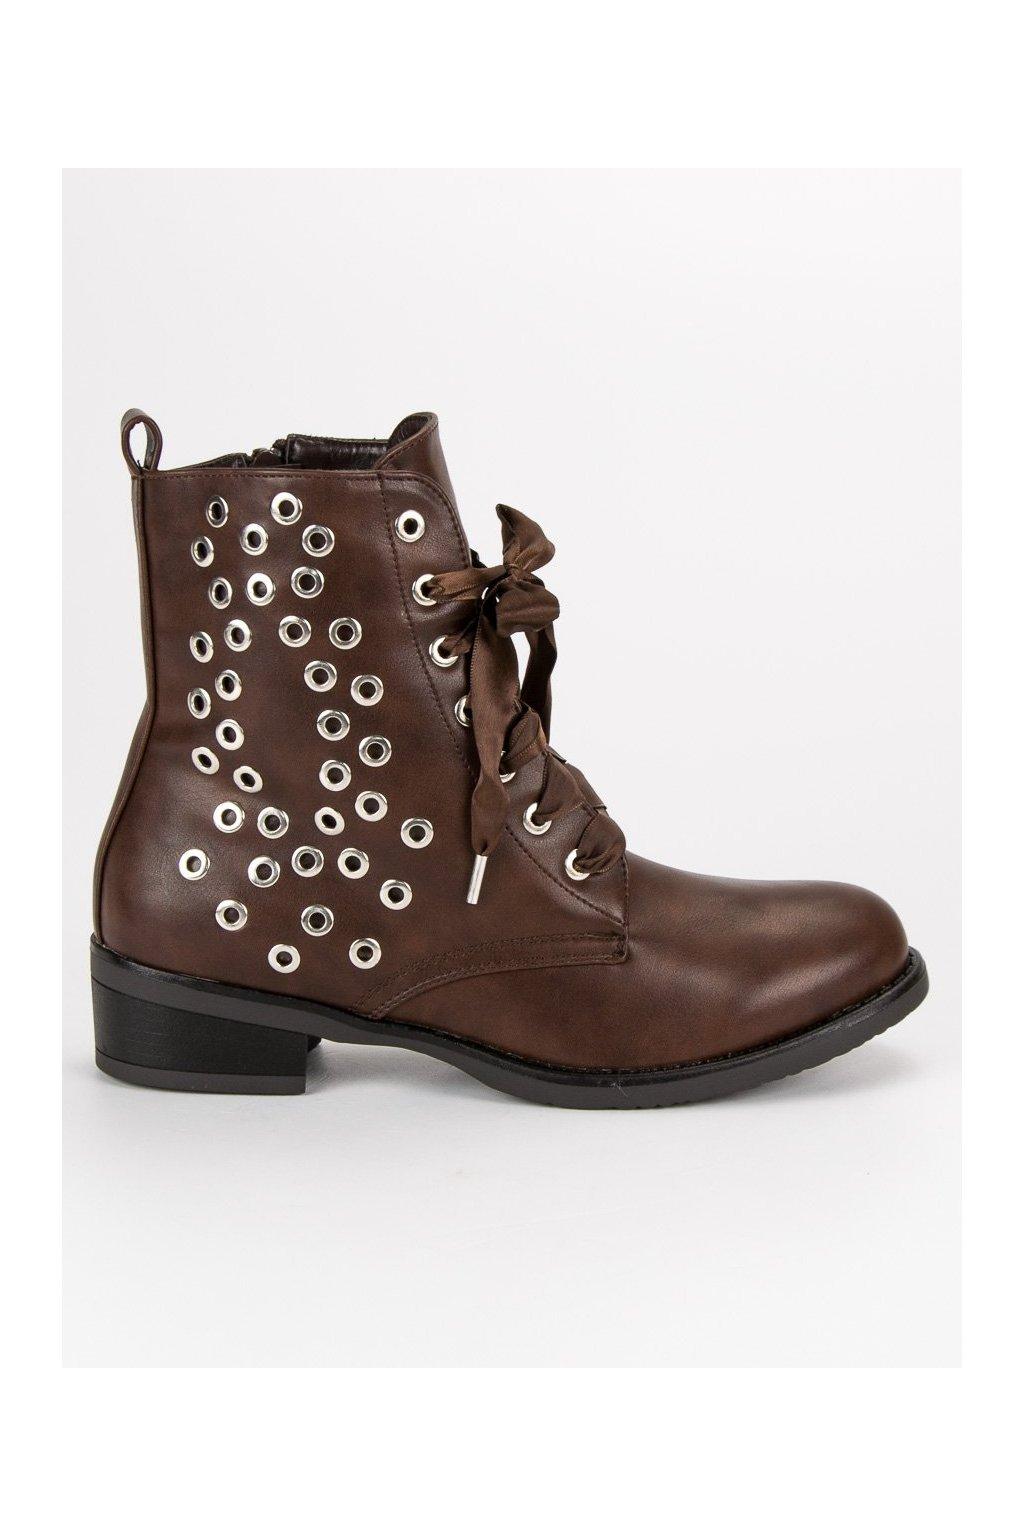 Hnedé dámske topánky na plochom opätku Shelovet FC-H53DK.BR